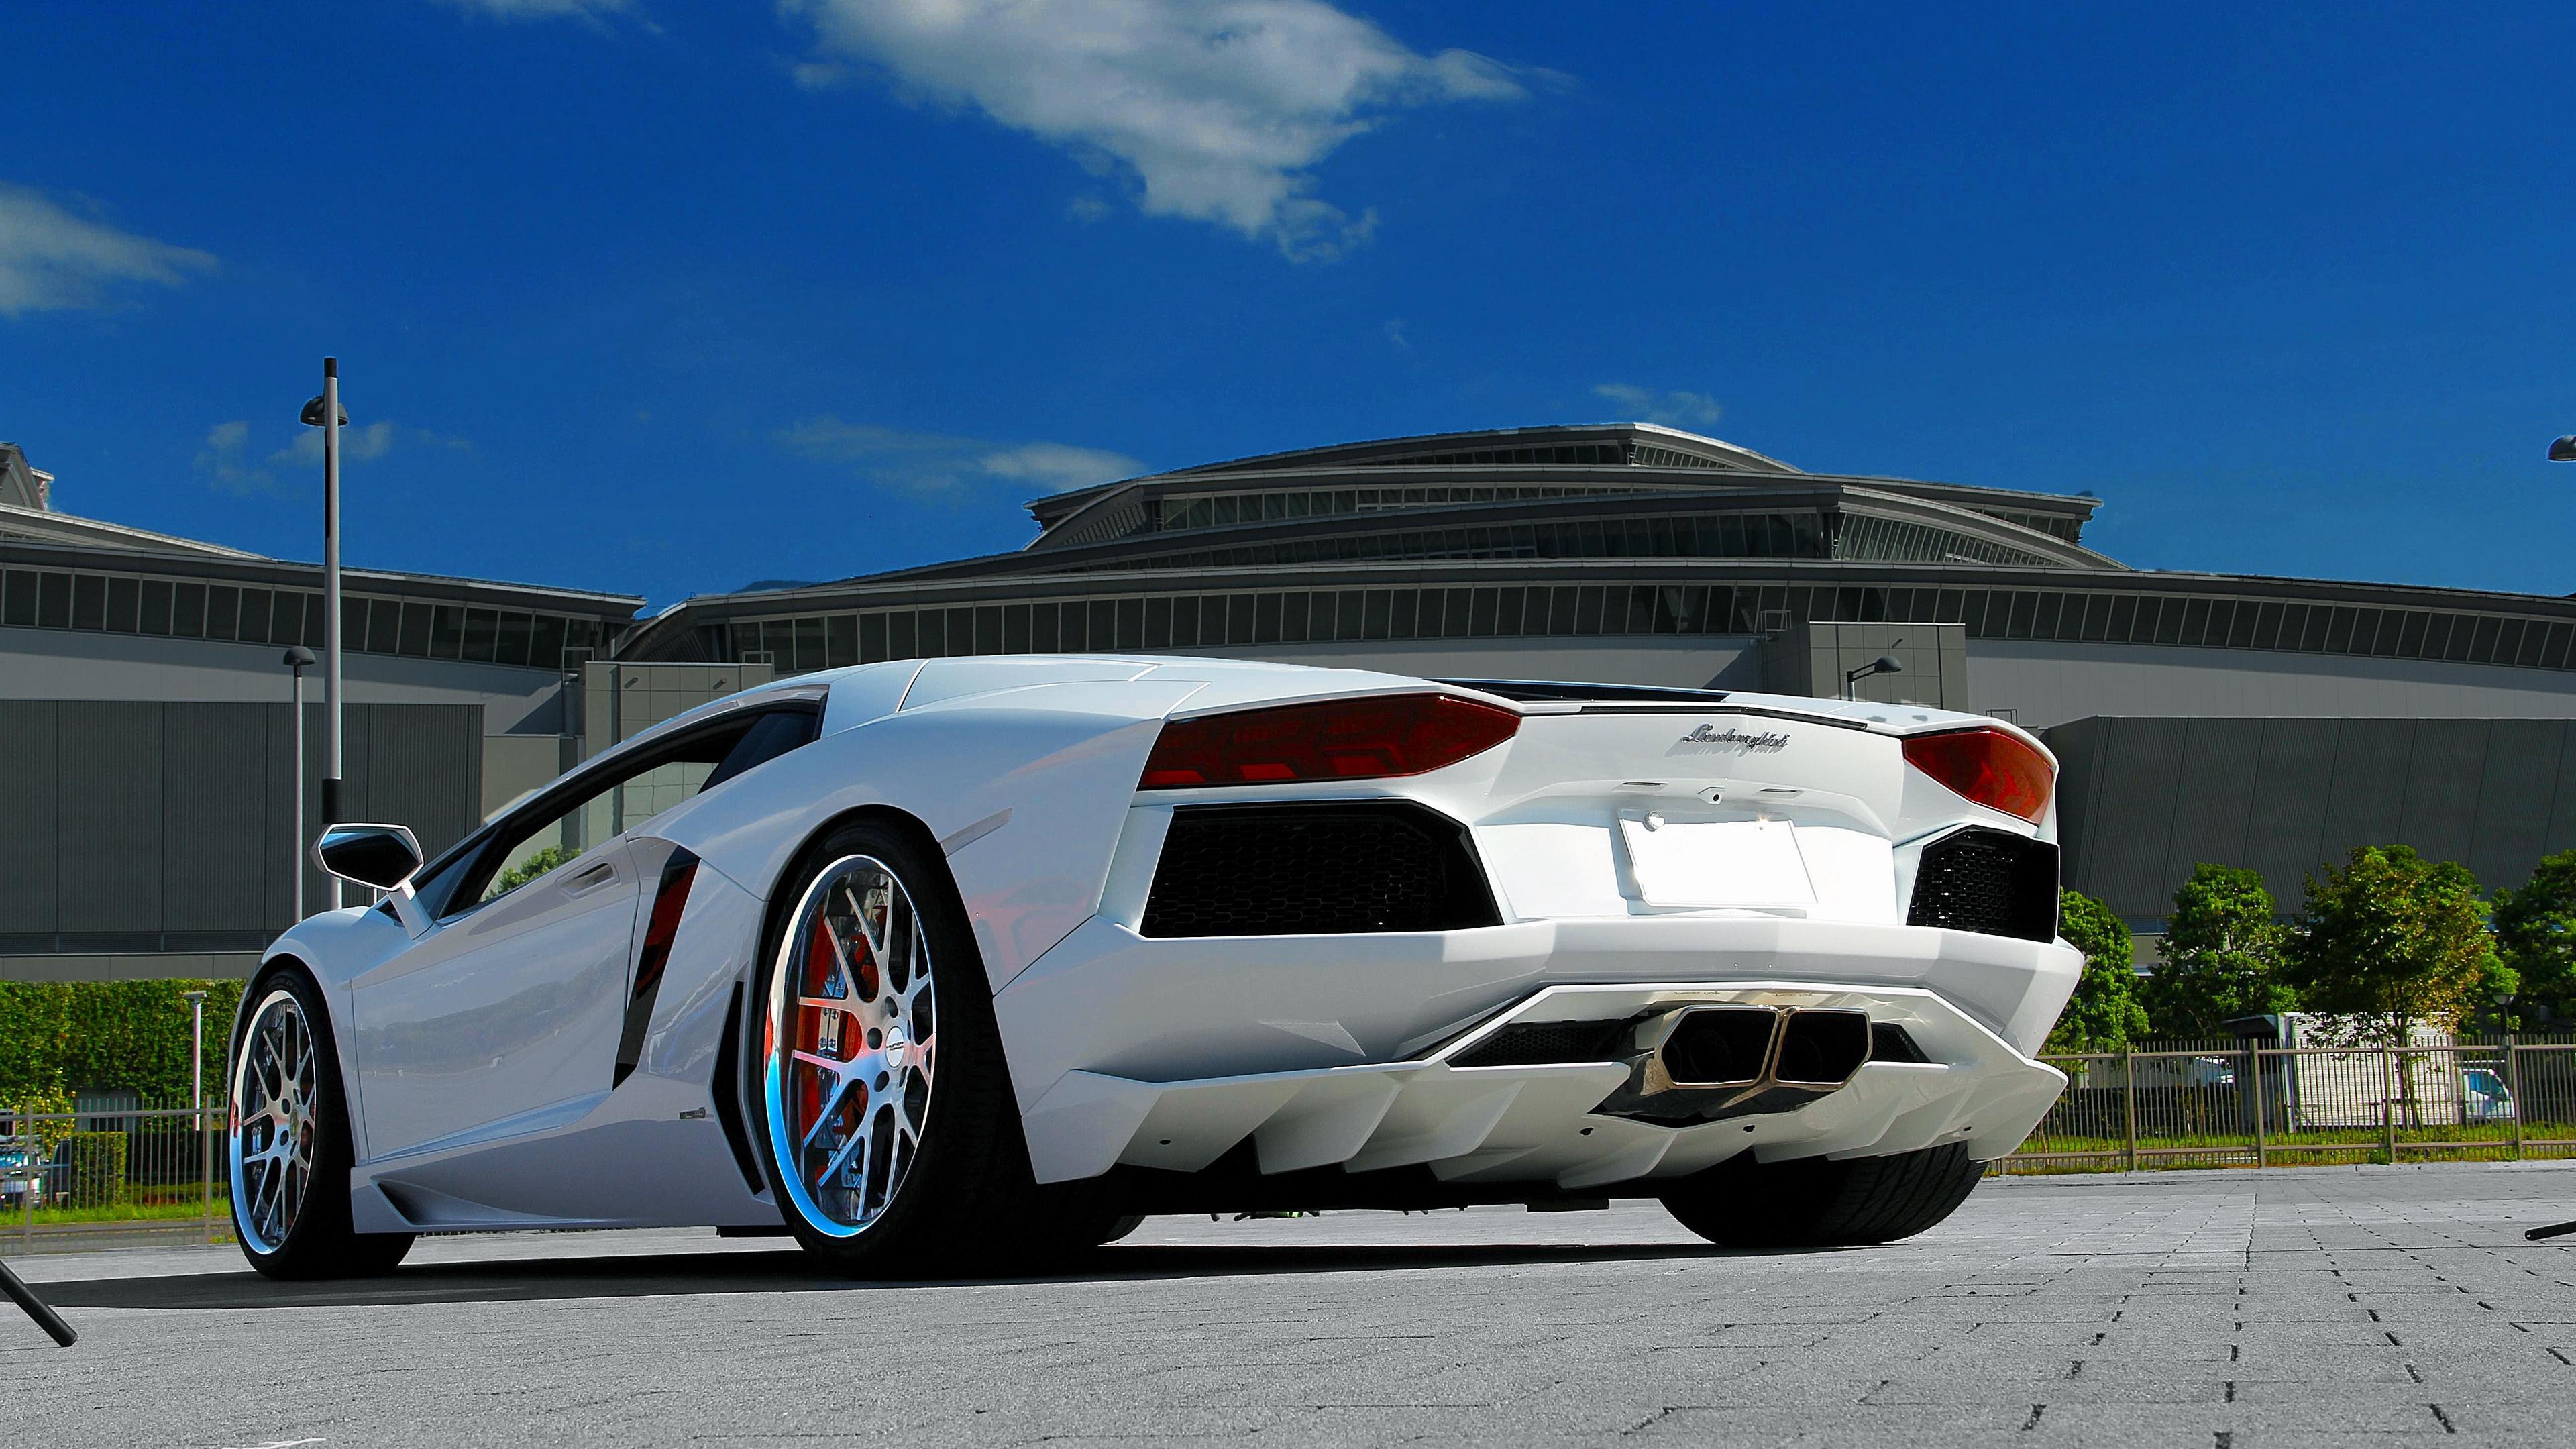 lamborghini aventador lp700 4 white paving tiles sky clouds 4k 1538937569 - lamborghini, aventador, lp700-4, white, paving tiles, sky, clouds 4k - lp700-4, Lamborghini, Aventador